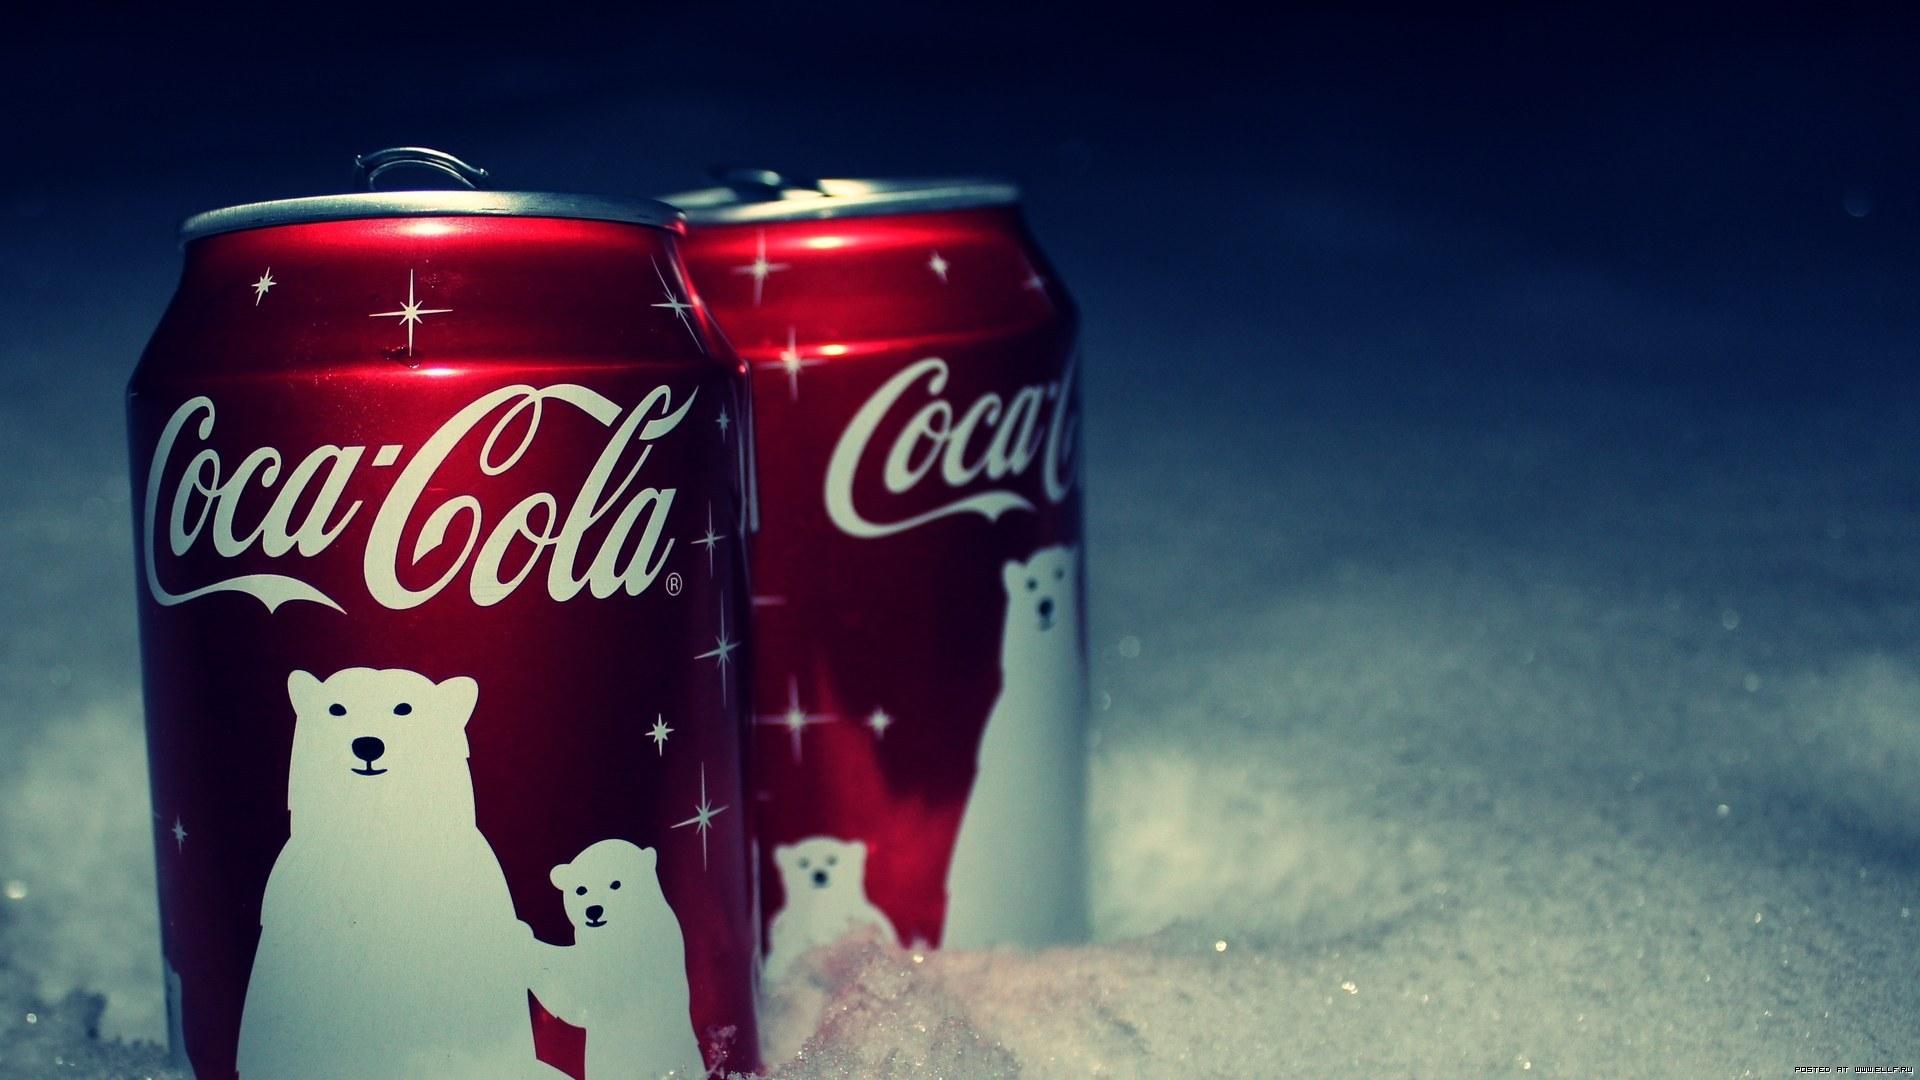 23195 Hintergrundbild herunterladen Marken, Lebensmittel, Schnee, Coca-Cola, Getränke - Bildschirmschoner und Bilder kostenlos